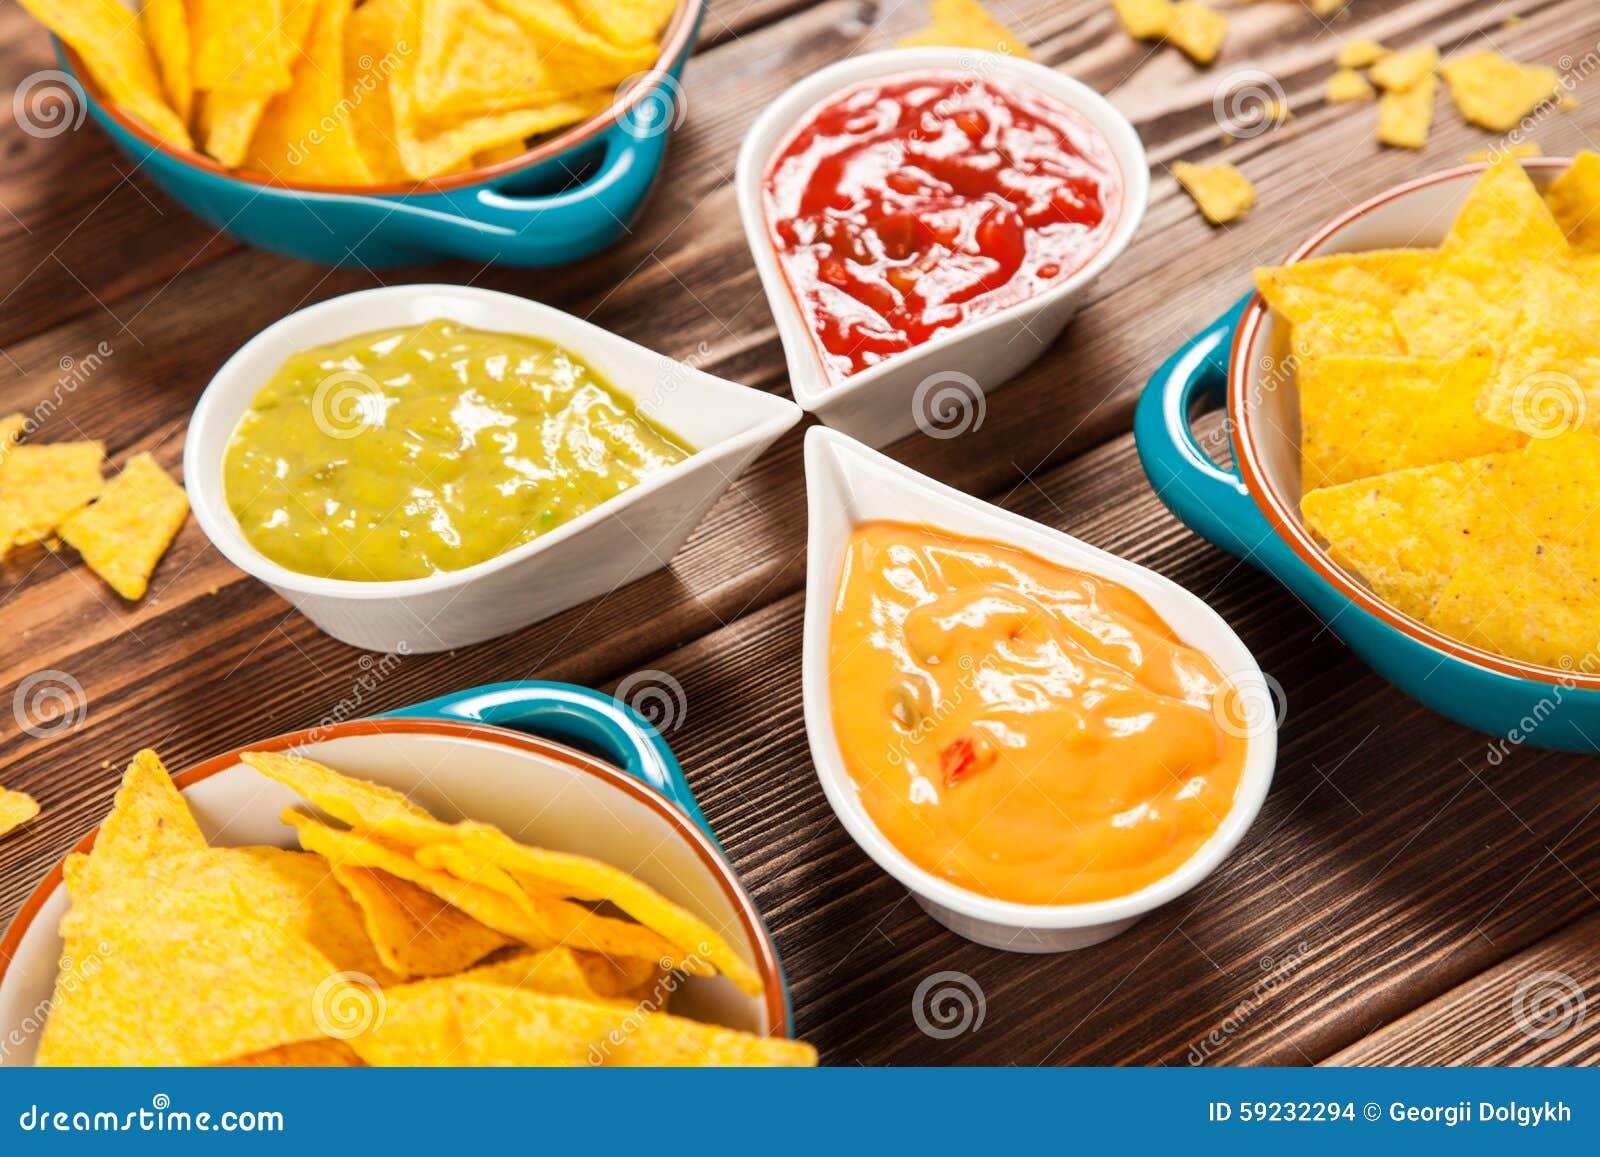 Placa de nachos con diversas inmersiones